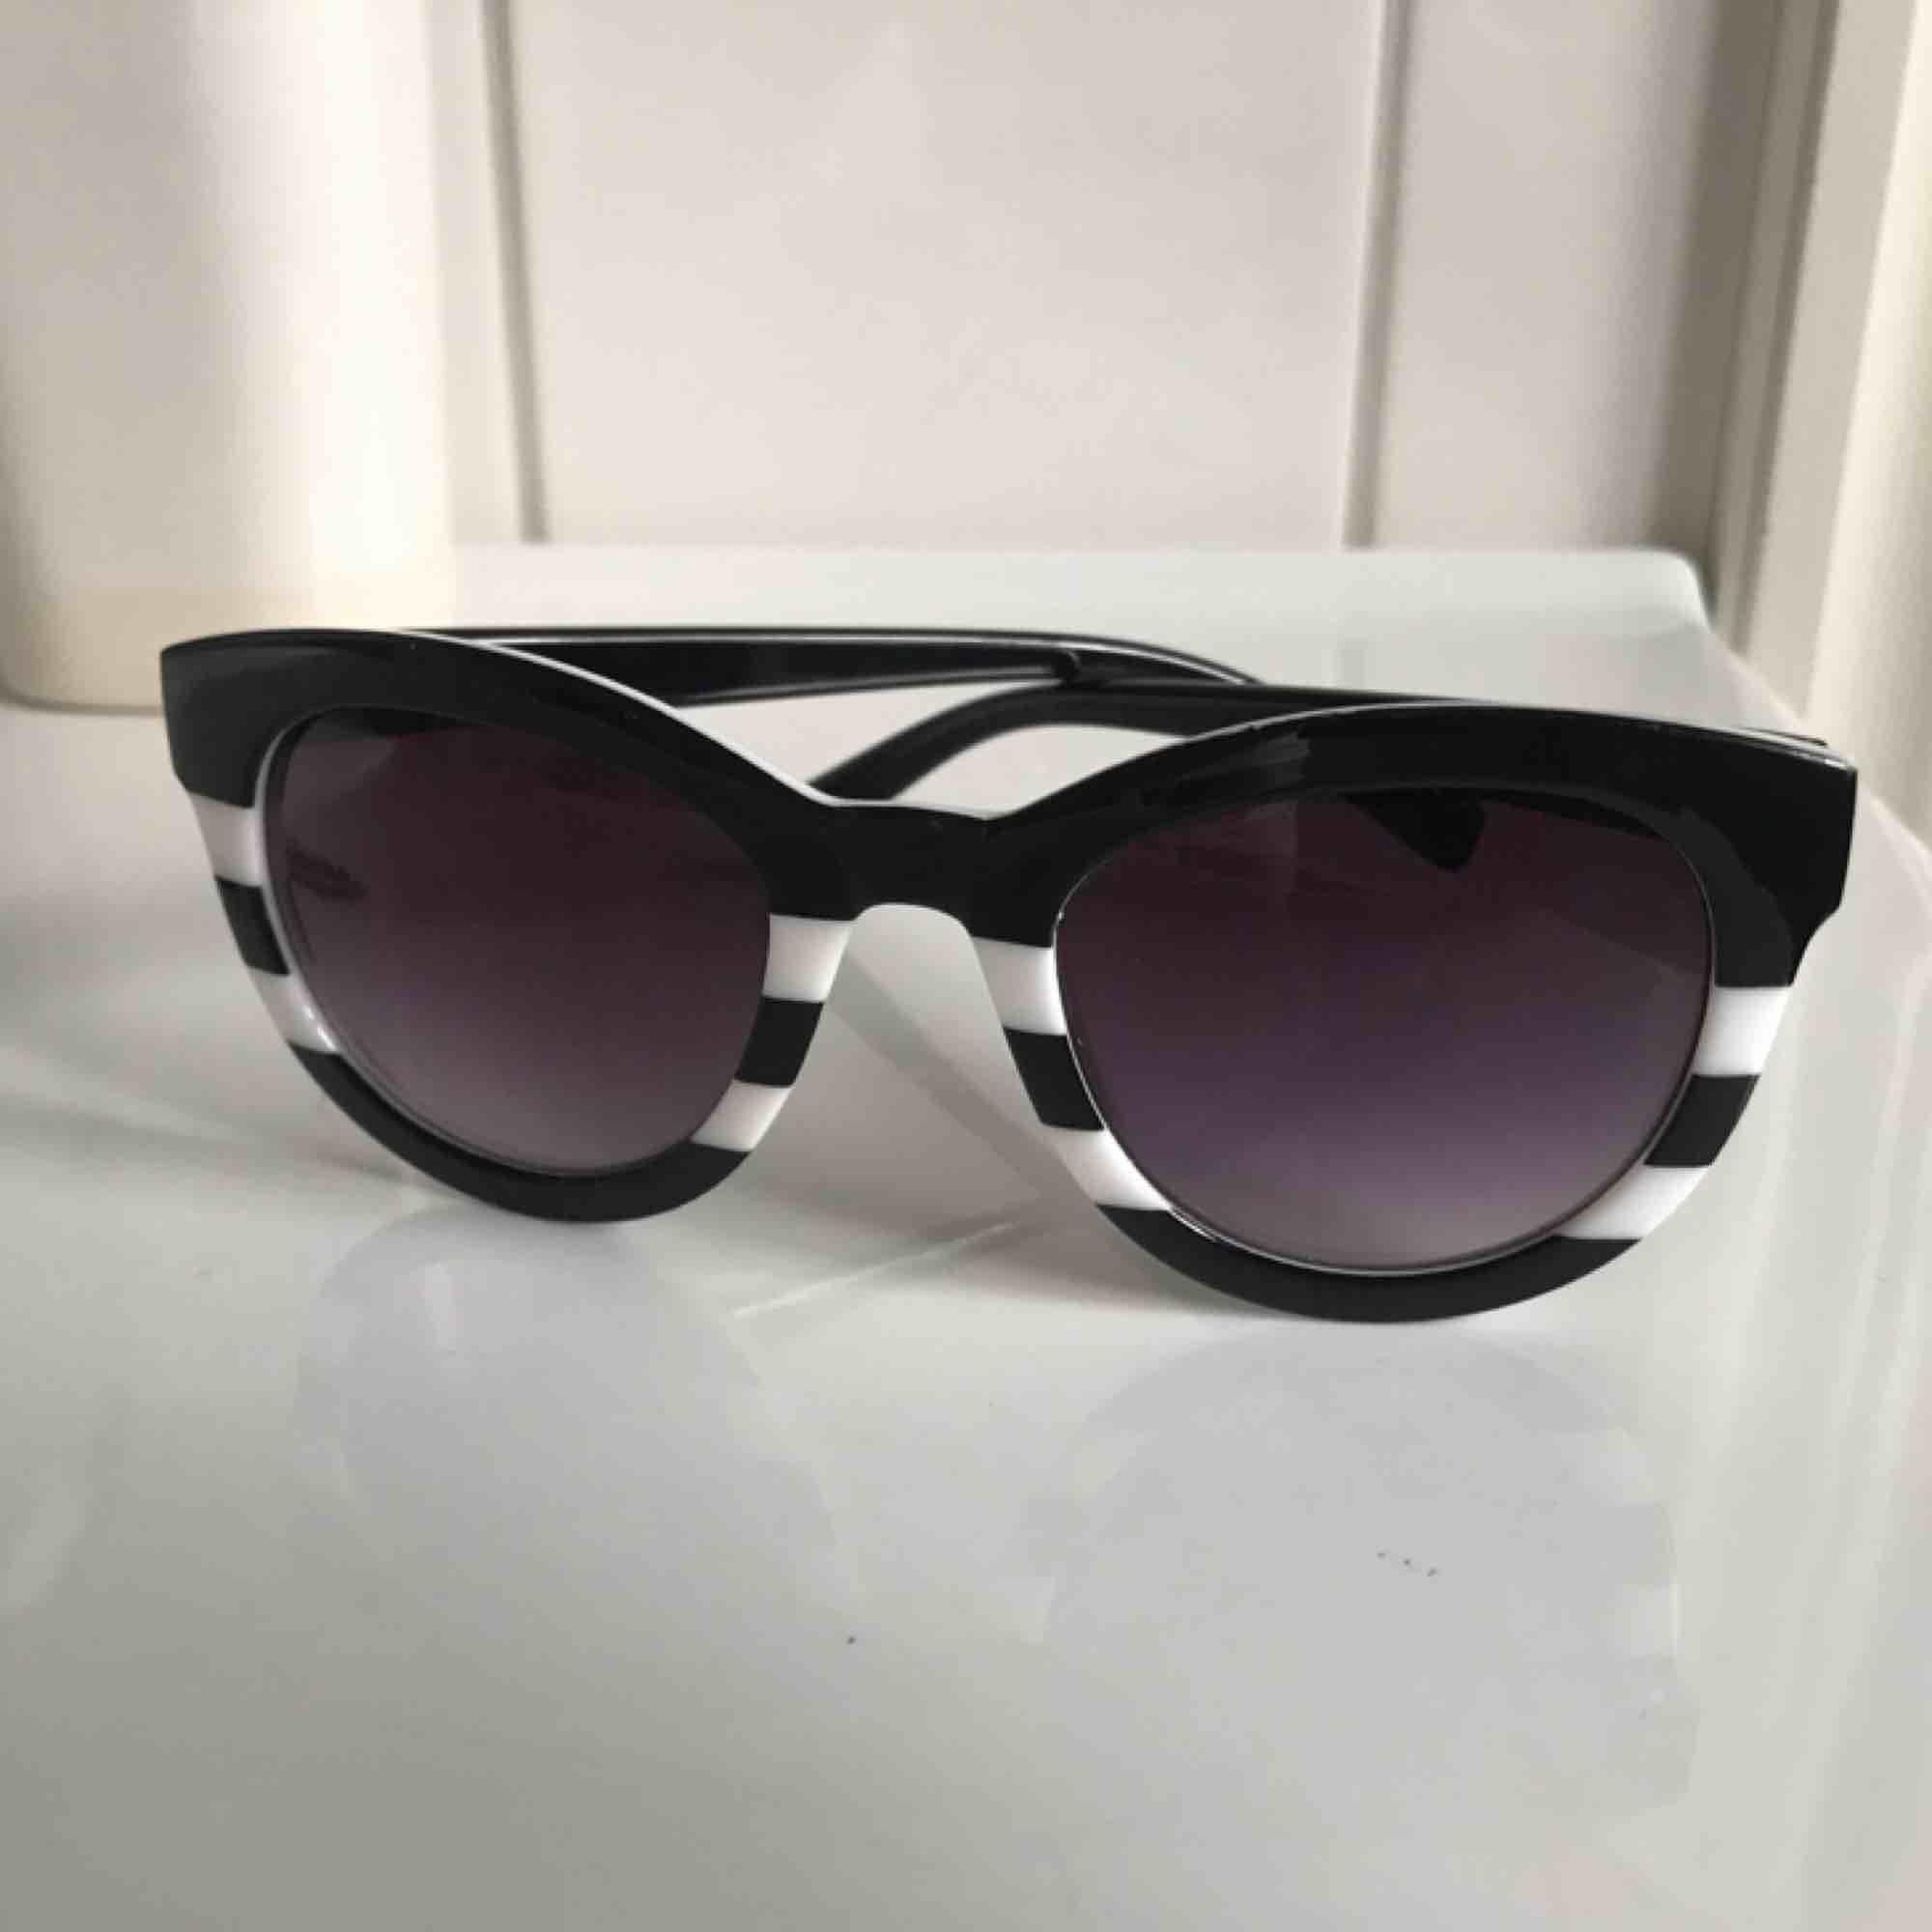 Cateye solglasögon till salu! Skitsnygga till allt och alla outfits 👌🏻💕 tar endast swish, frakt ingår i priset !!. Accessoarer.